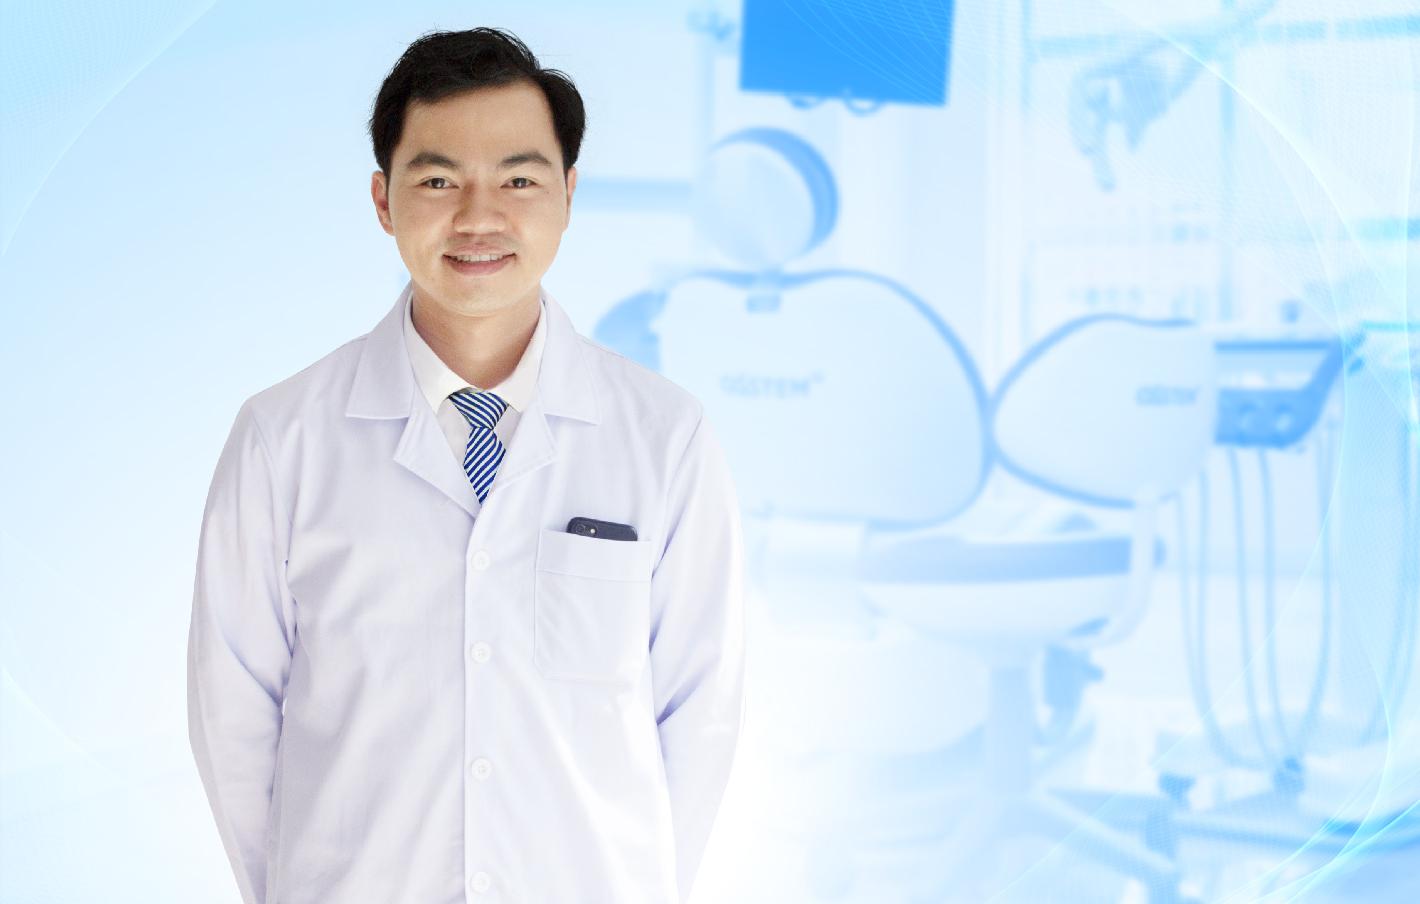 DR. NGUYỄN SANH BẢO NGUYÊN